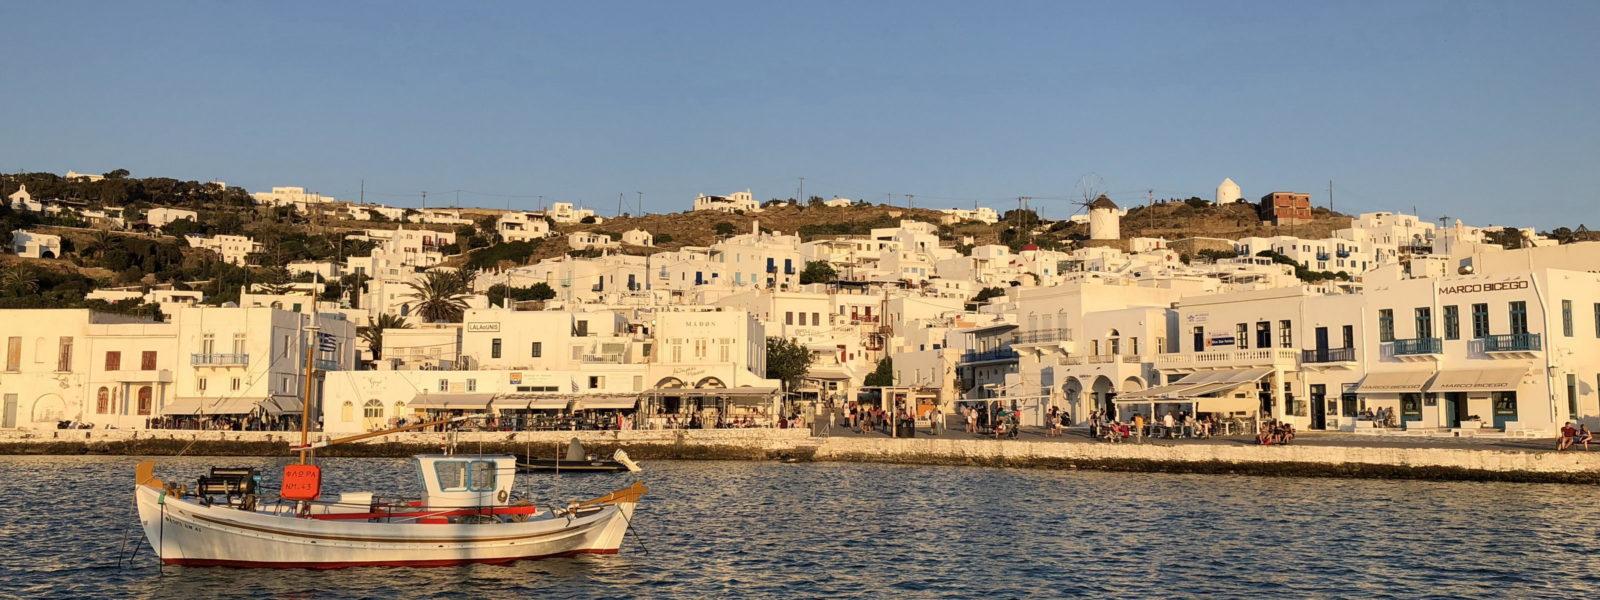 Otok Mikonos je raj